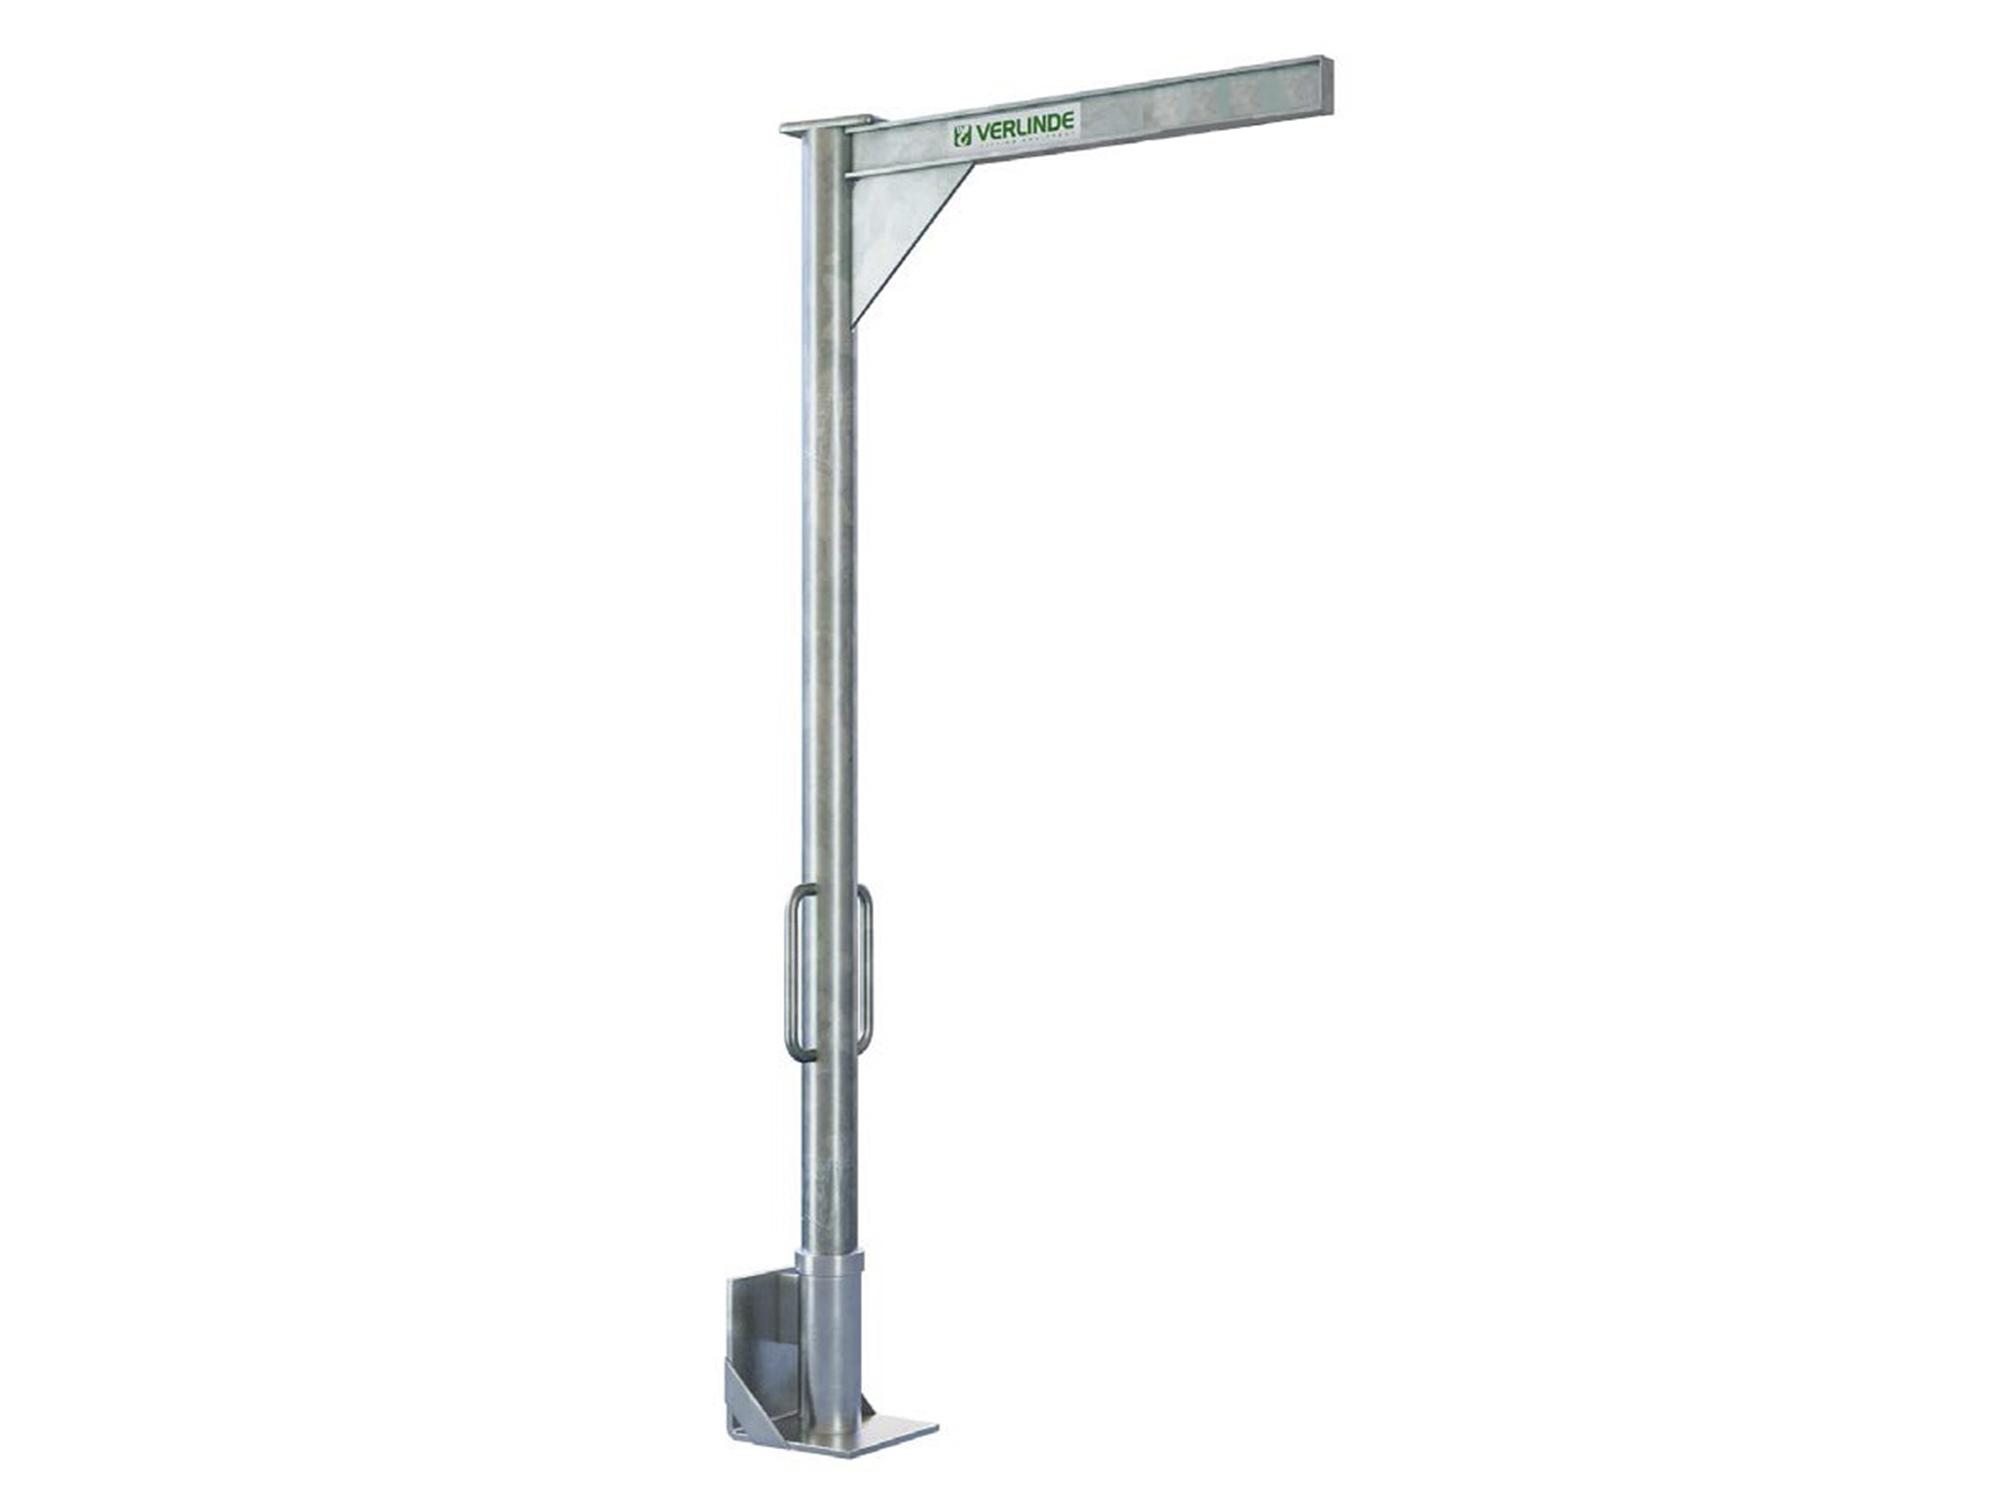 VEP Stainless Steel Portable Davit Crane - Hoist UK